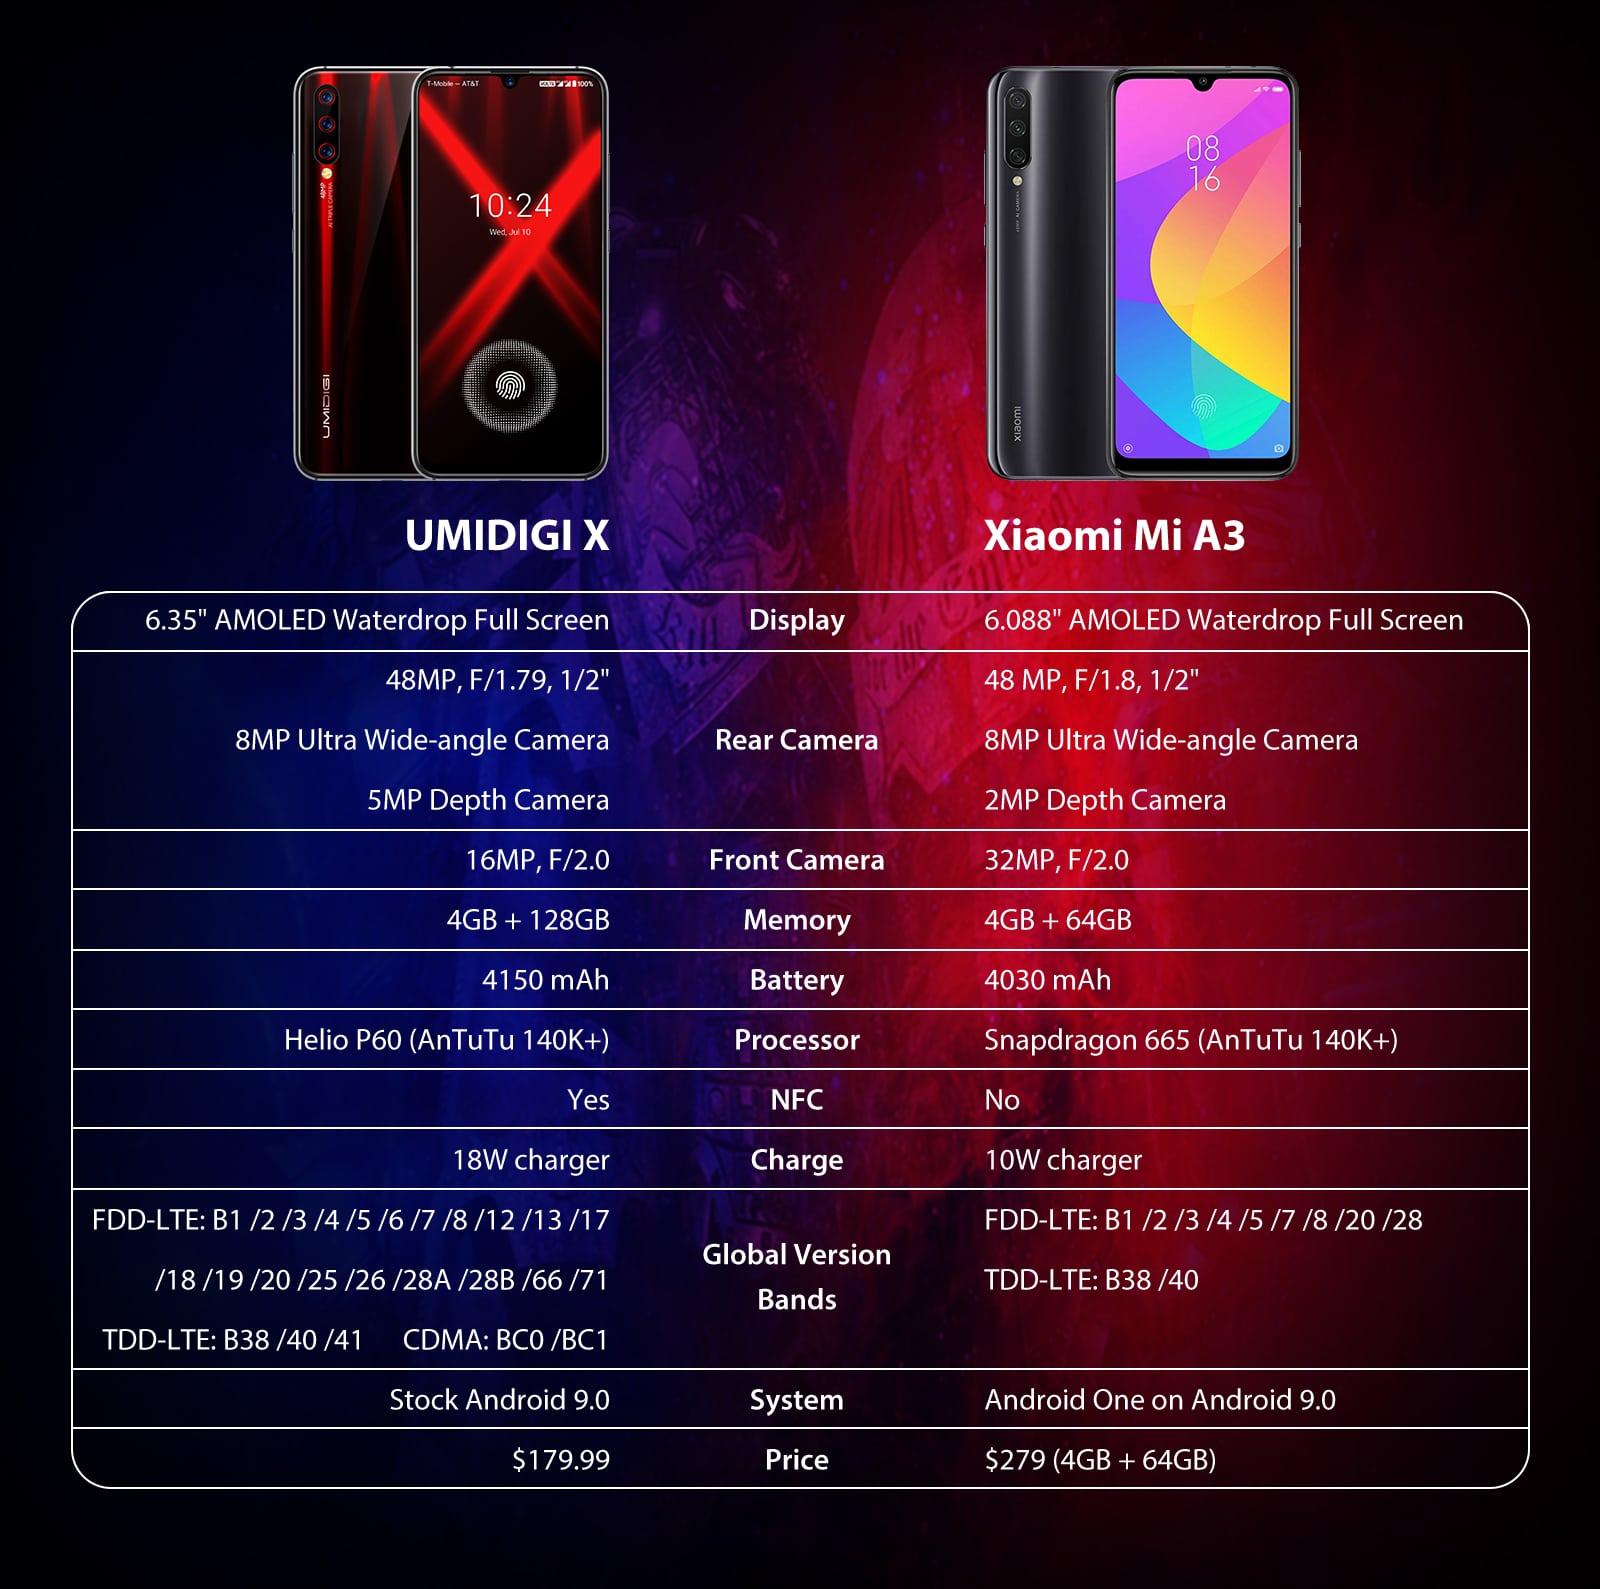 Xiaomi Mi A3 vs UMIDIGI X